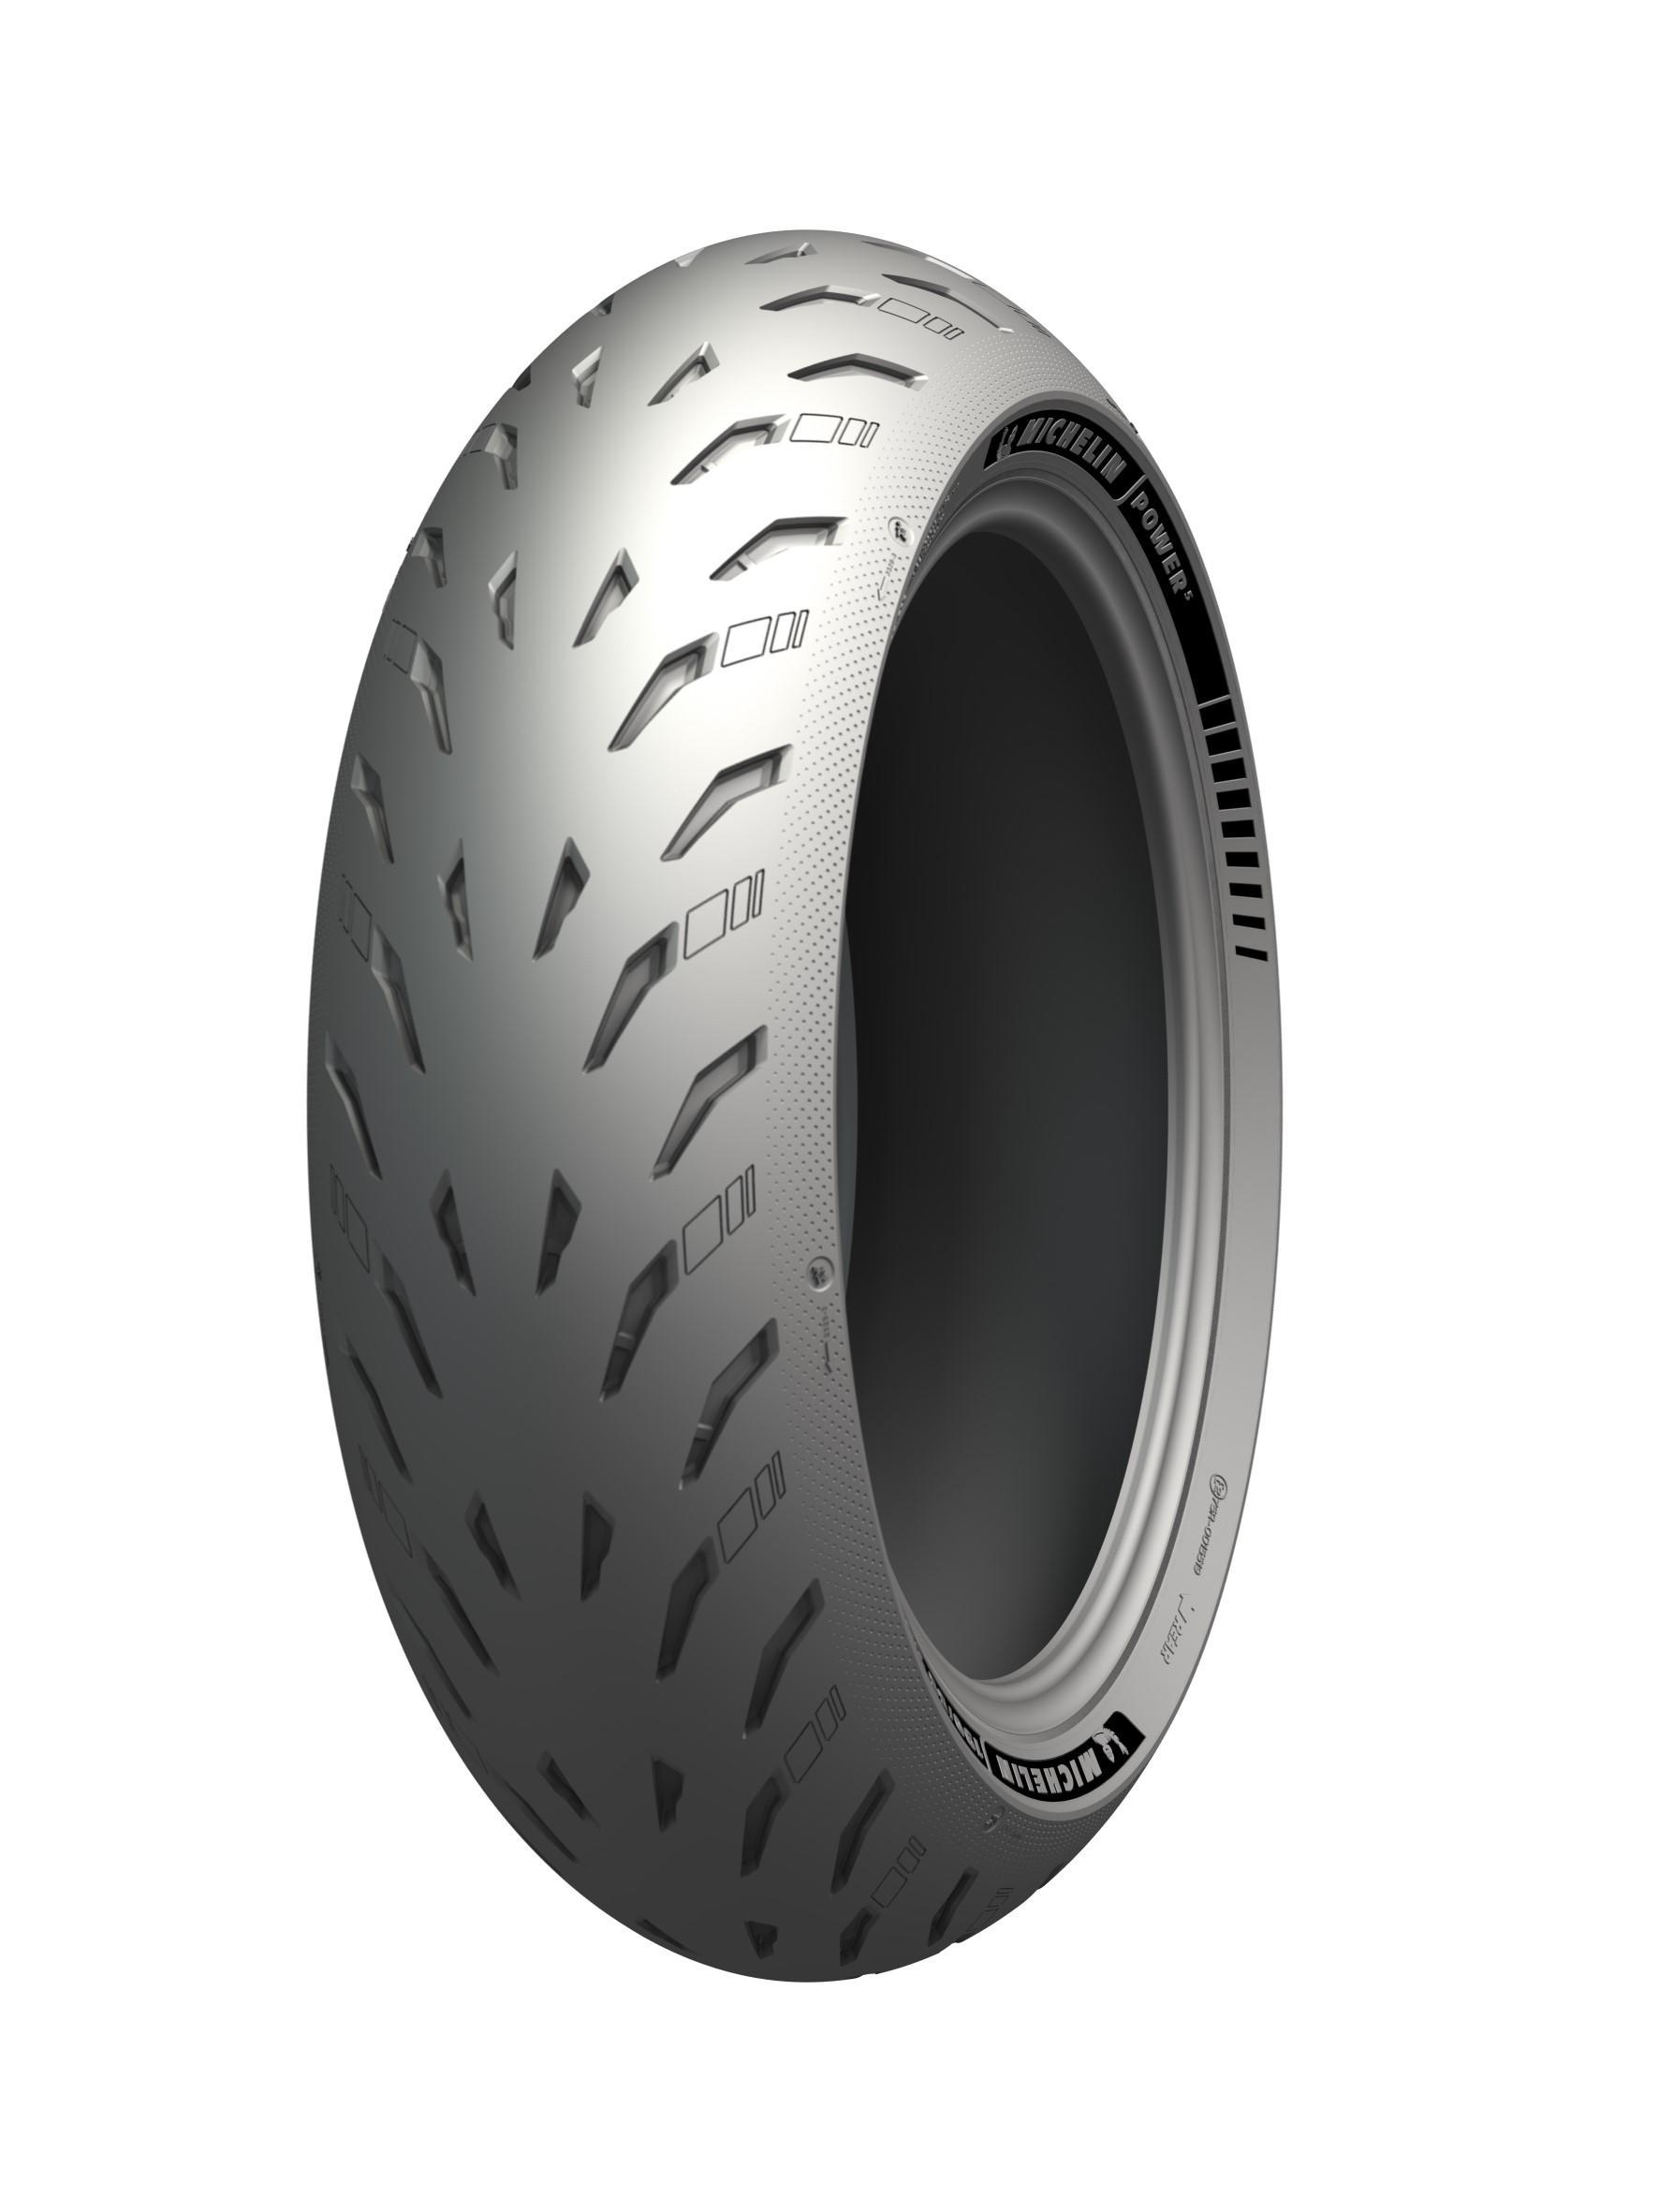 MICHELIN 190/50ZR17 M/C (73W) Power5 リア TL(チューブレスタイヤ)